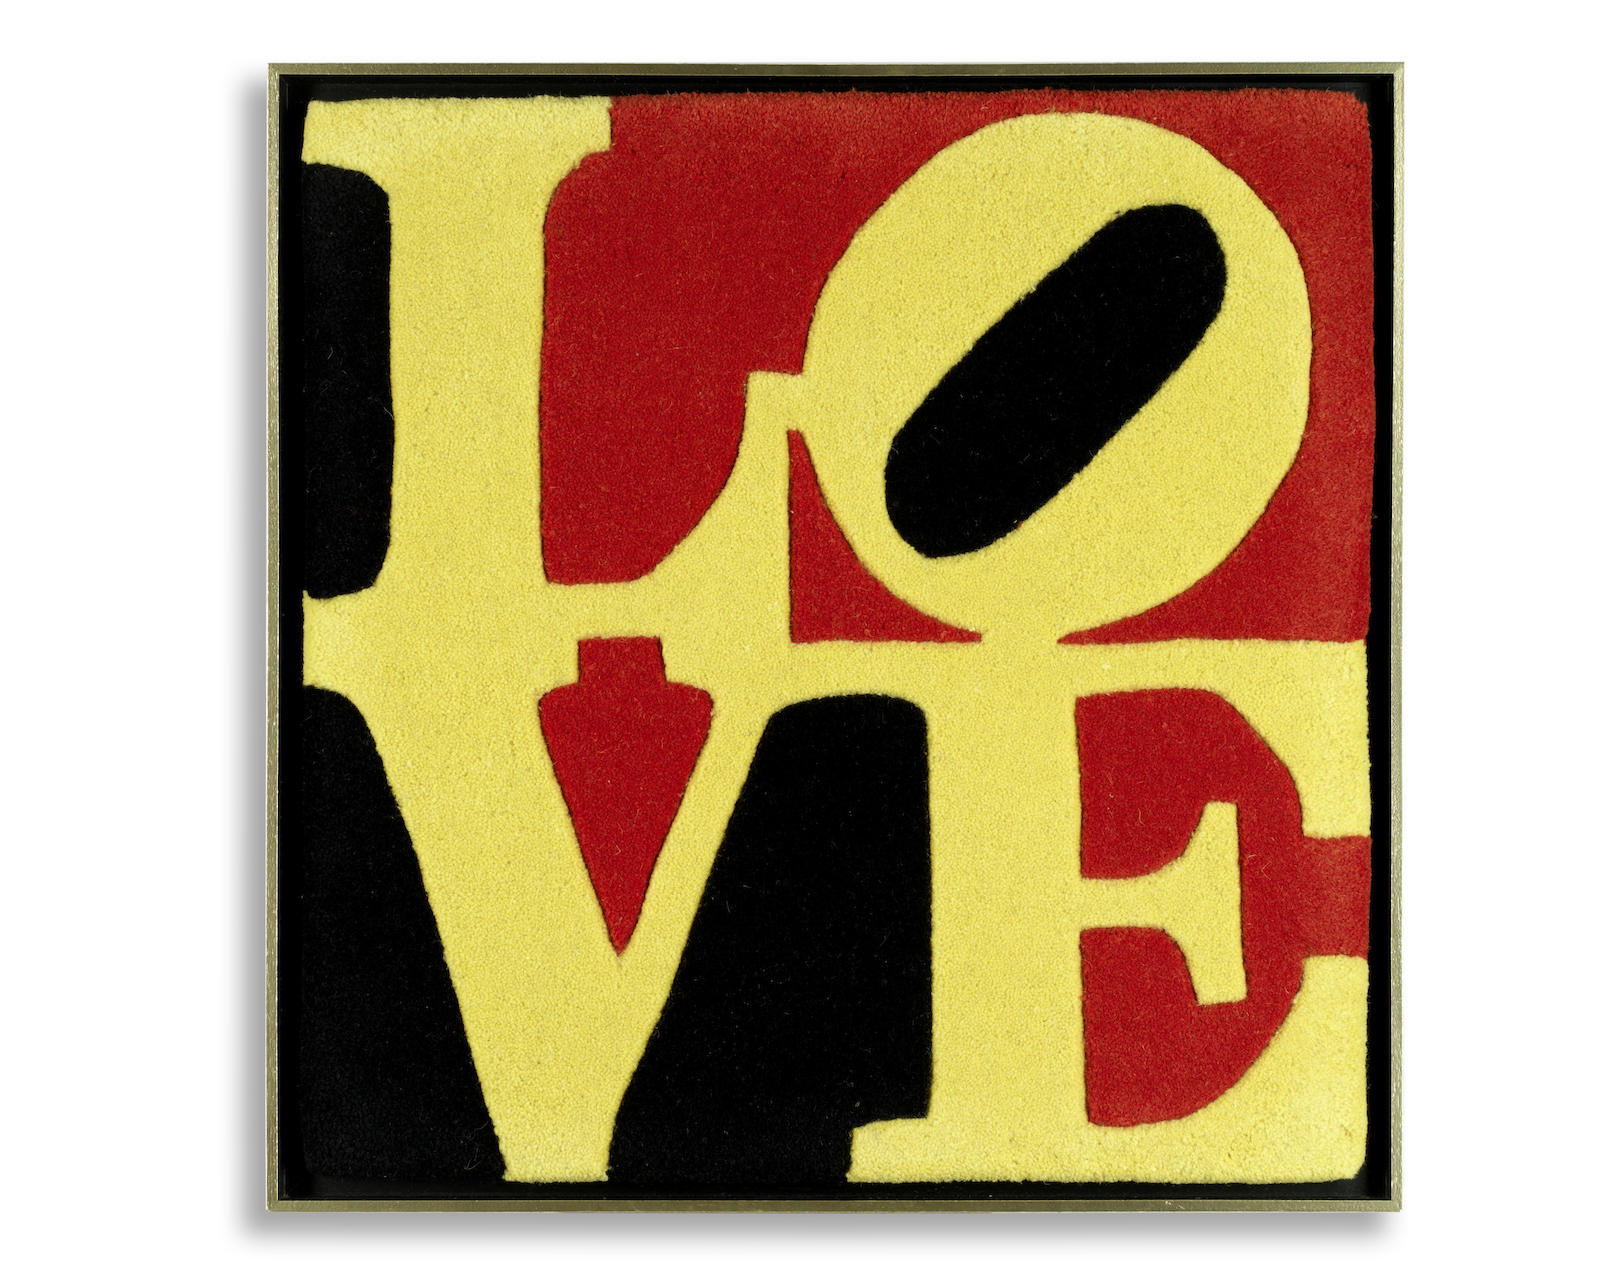 Robert Indiana-After Robert Indiana - Liebe LOVE-2005